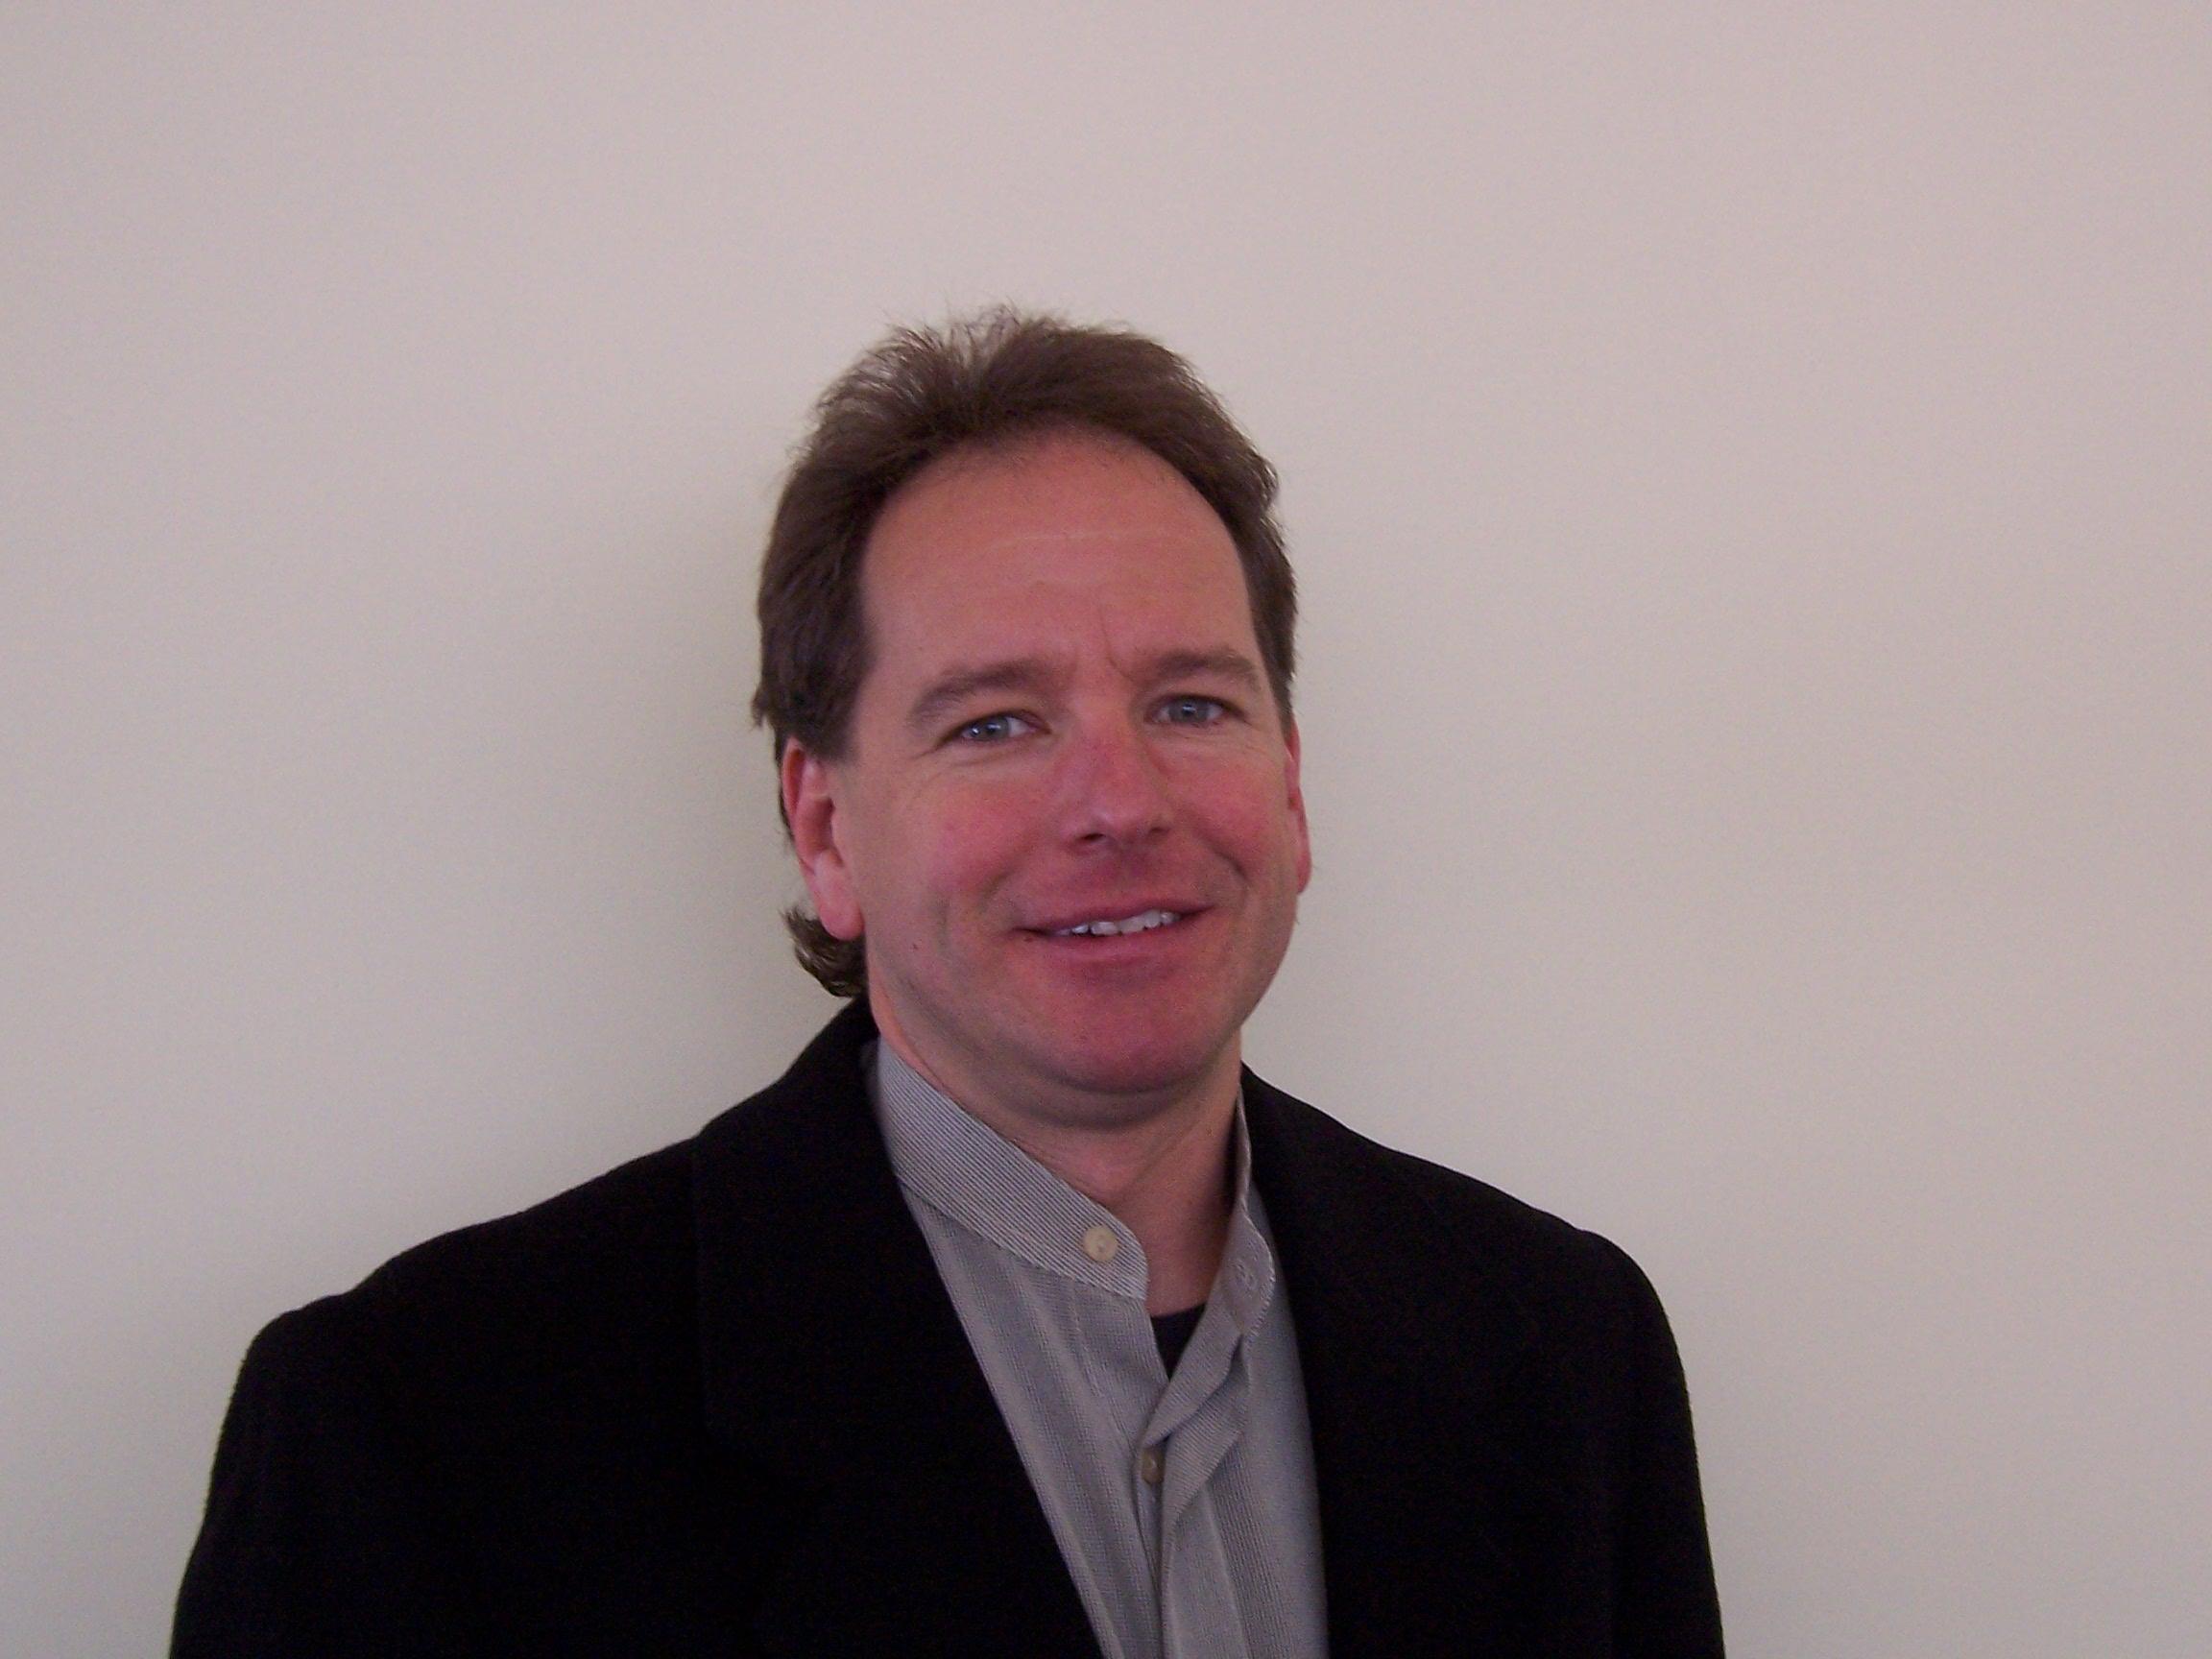 Jeffrey G. Bell